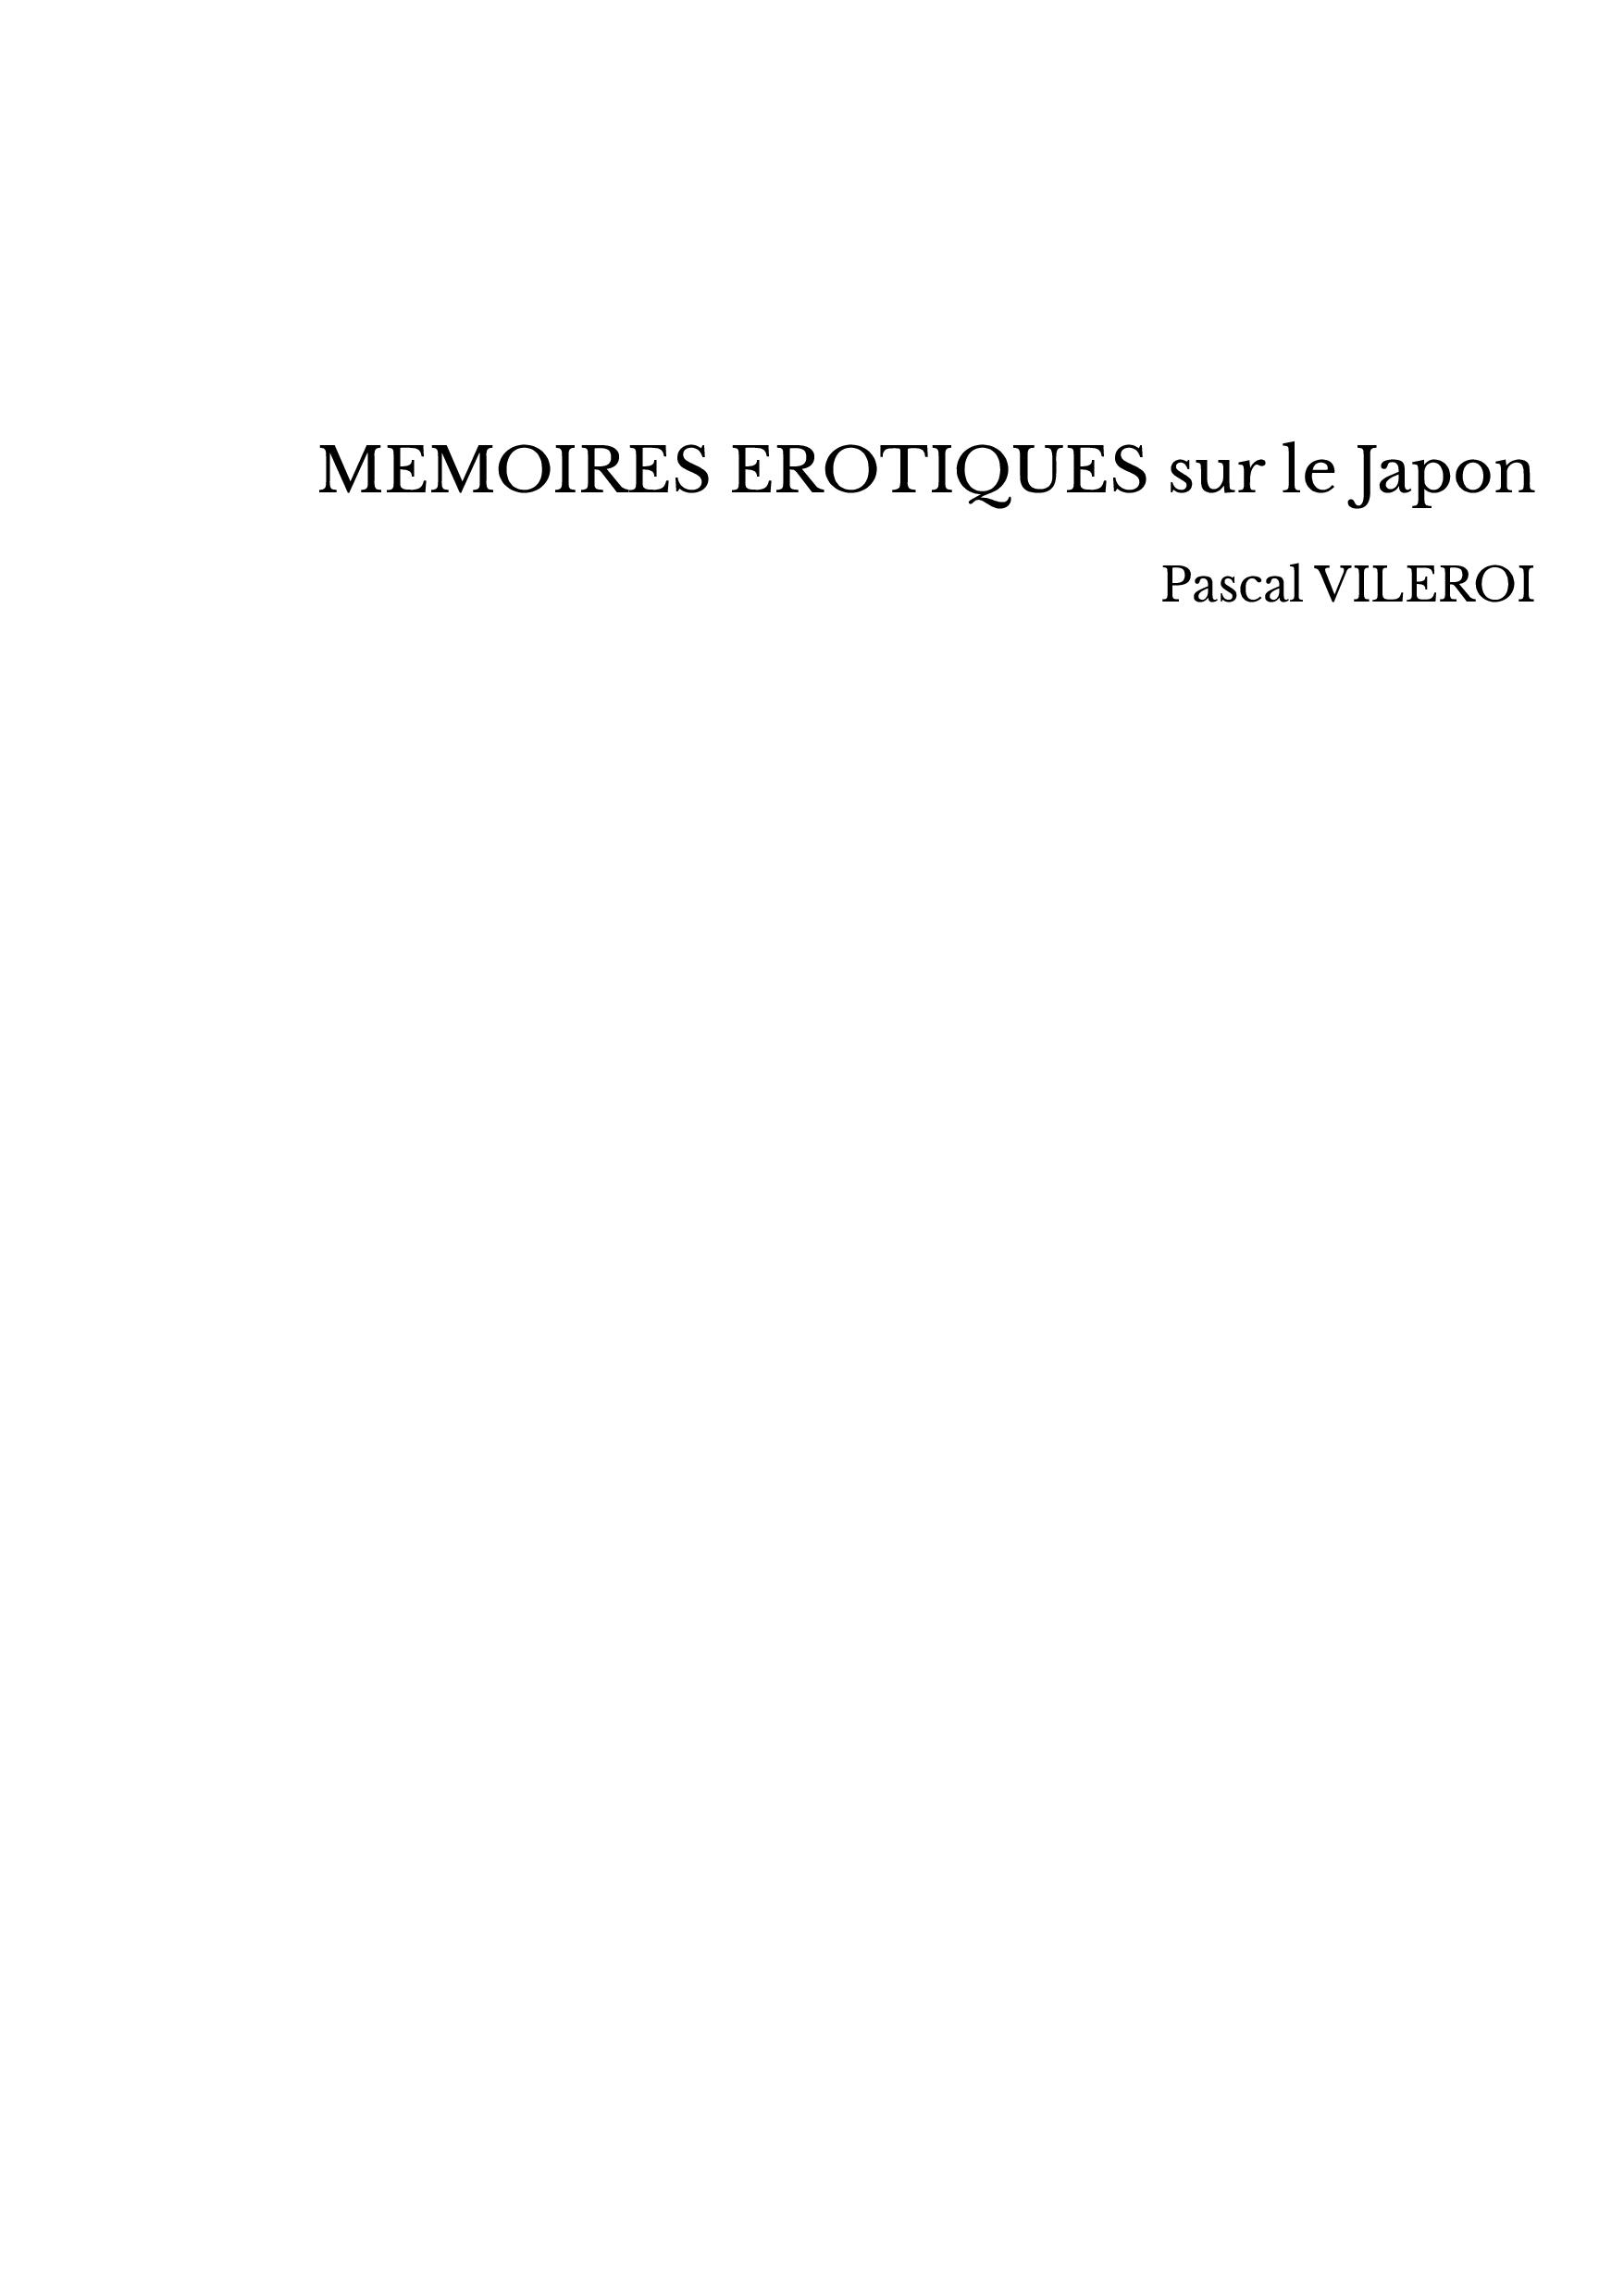 MEMOIRES EROTIQUES sur le Japon